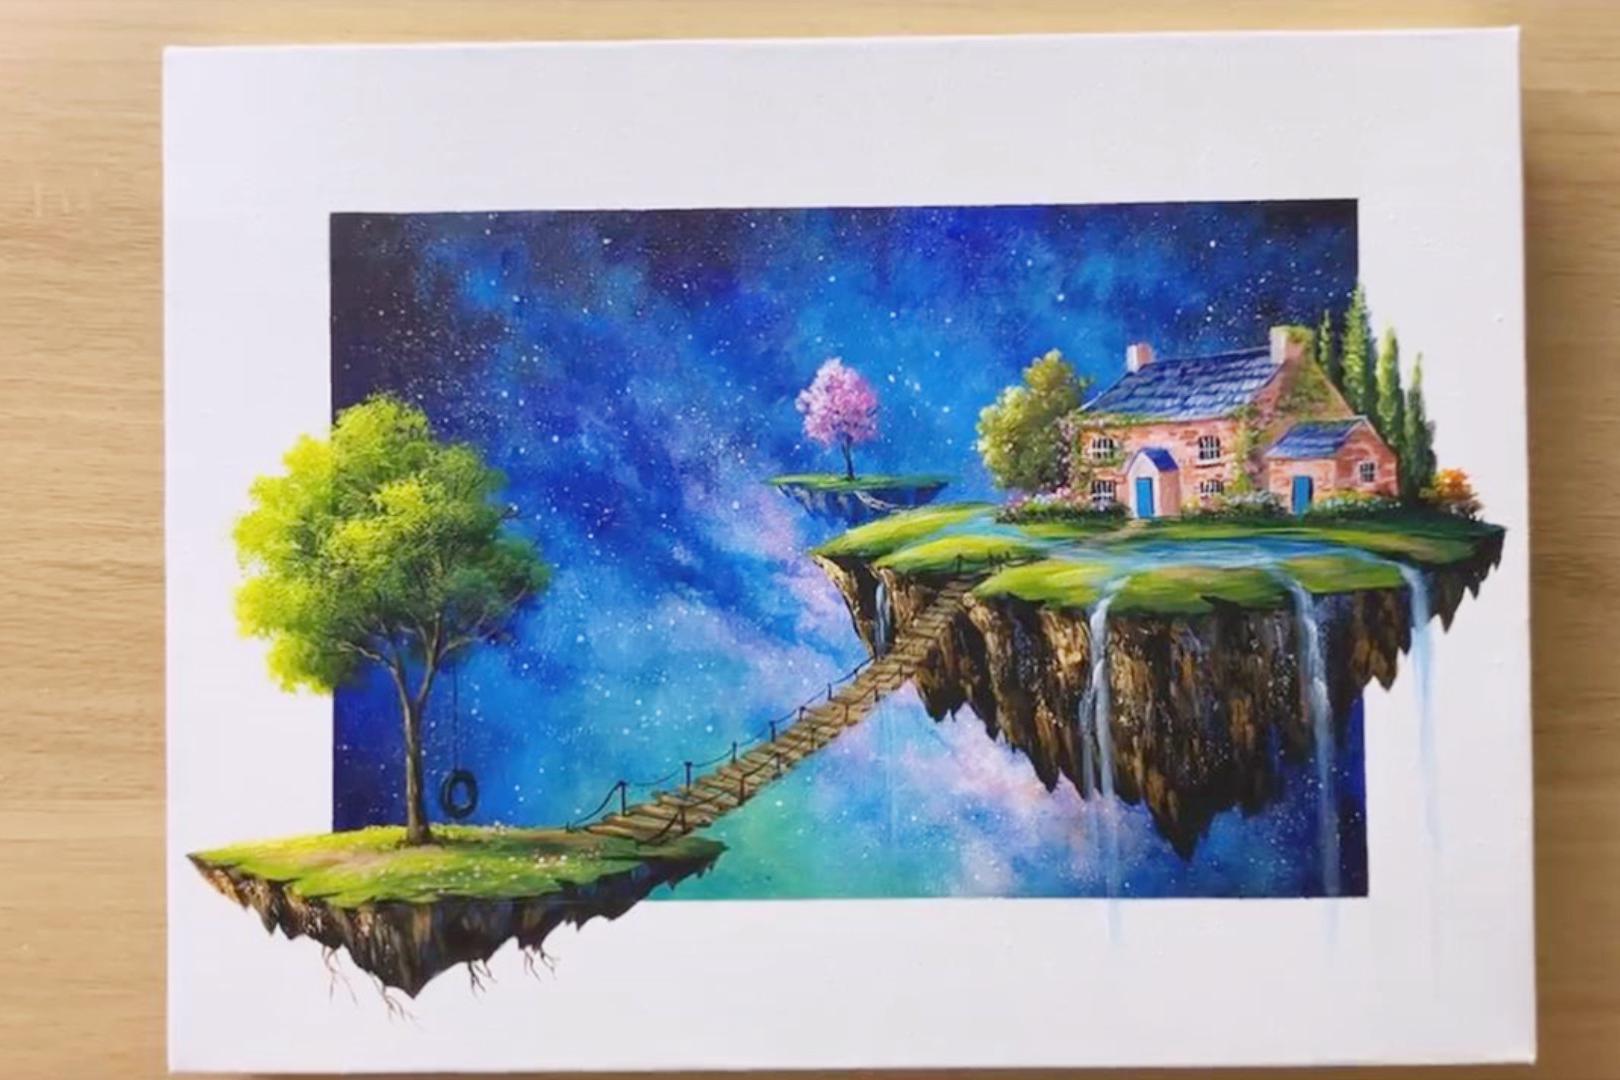 手工绘画作品,带你学习如何绘画漂亮的悬浮岛!